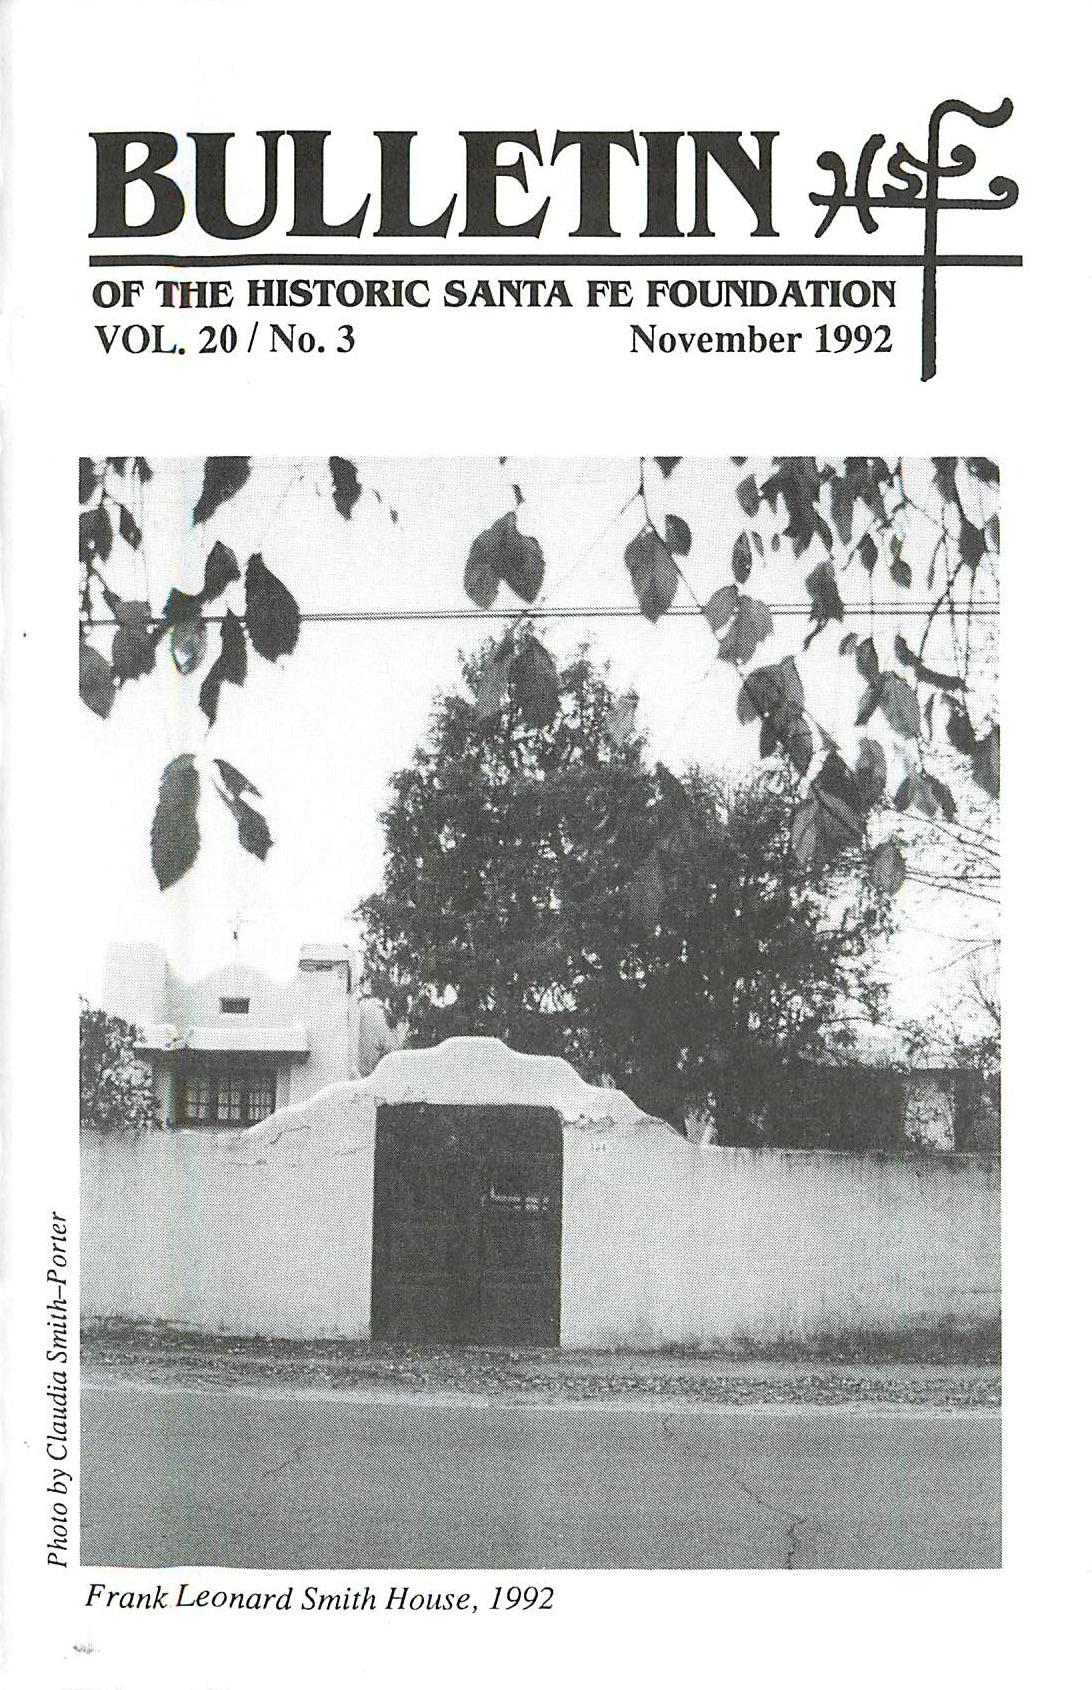 1992 HSFF Bulletin Vol.20 No.3 Cover